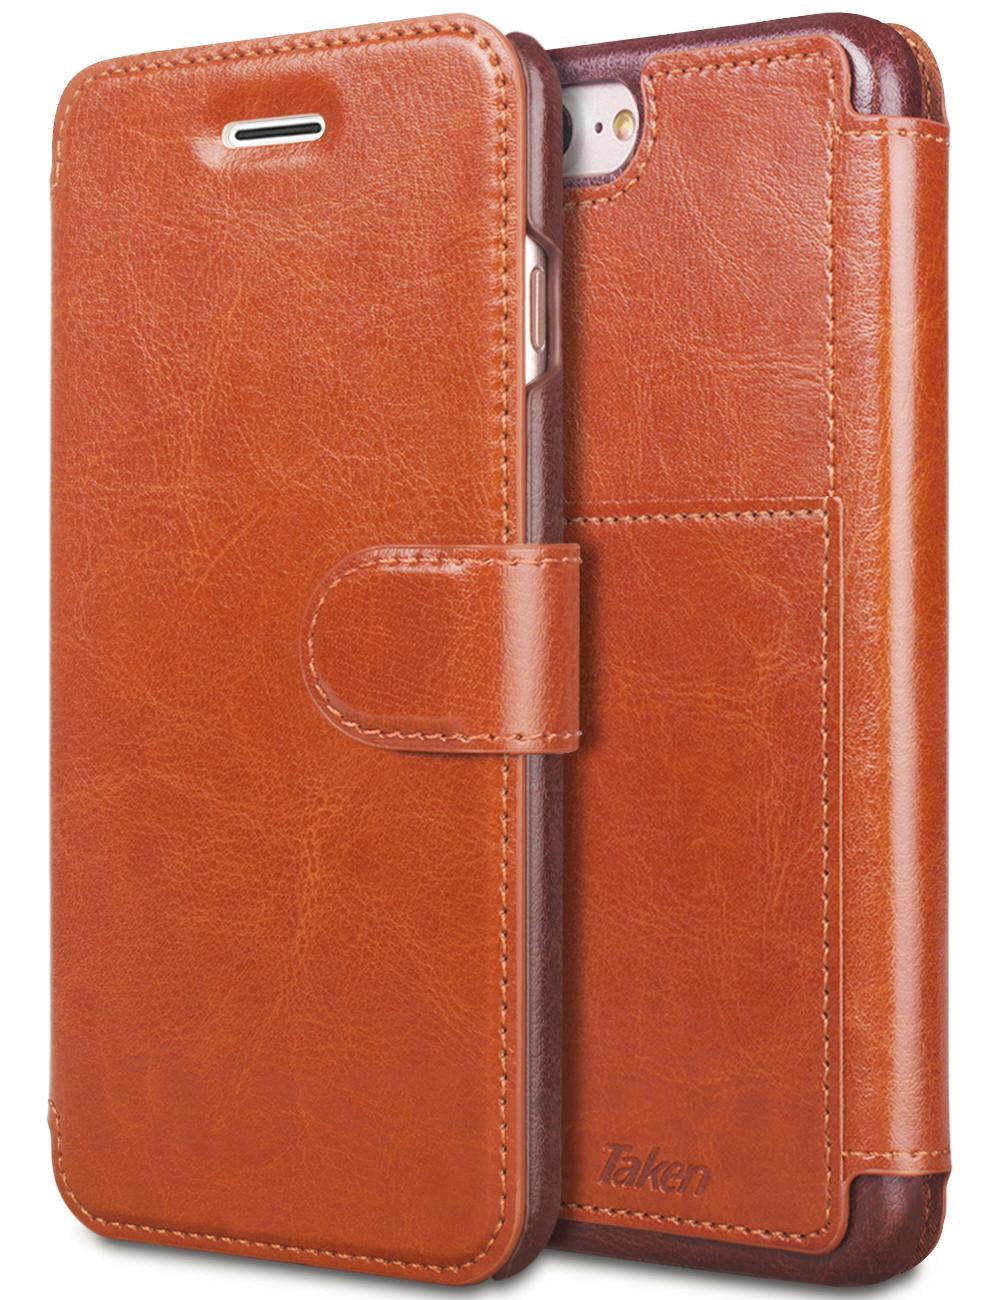 eac2bde3e2c7c Satın Al IPhone 6 Için 8 7 Artı Deri Cüzdan Kılıf Kartları Yuvası Ile Metal  Manyetik Slim Fit Ağır PU Flip Kılıf Kahverengi, $57.58 | DHgate.Com'da